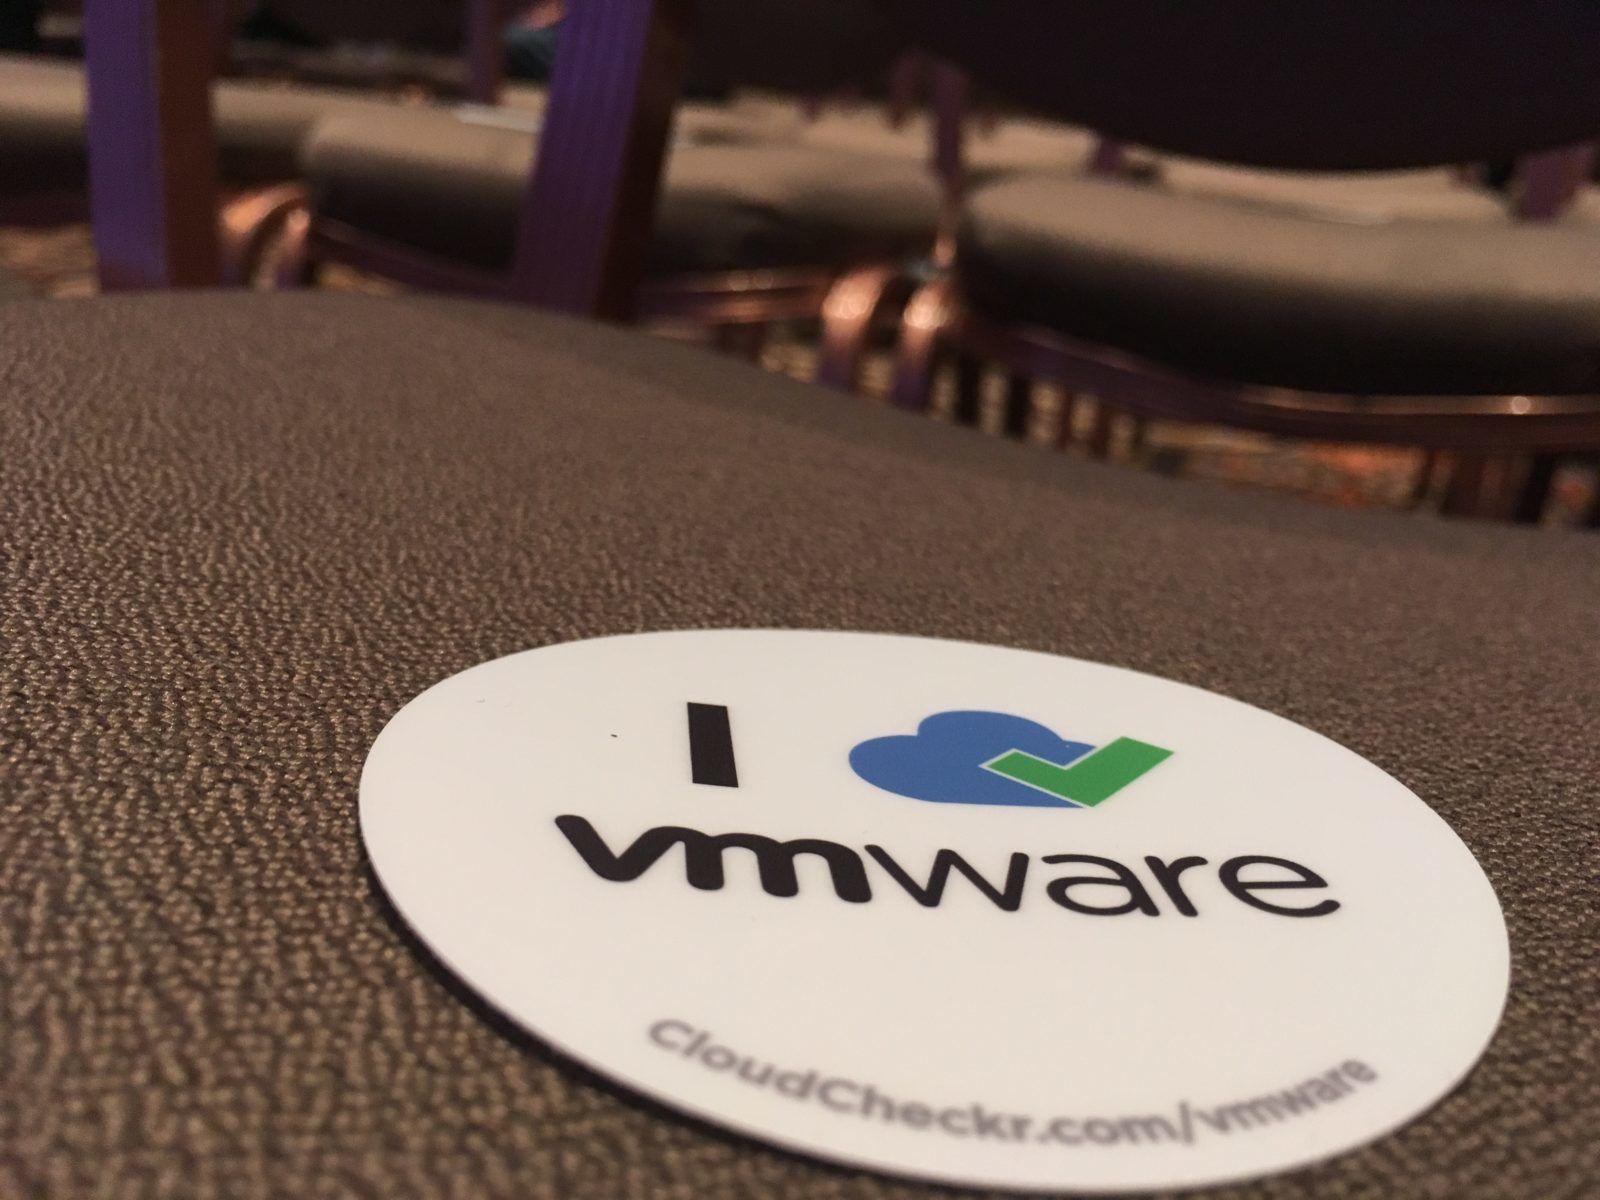 VMware sticker